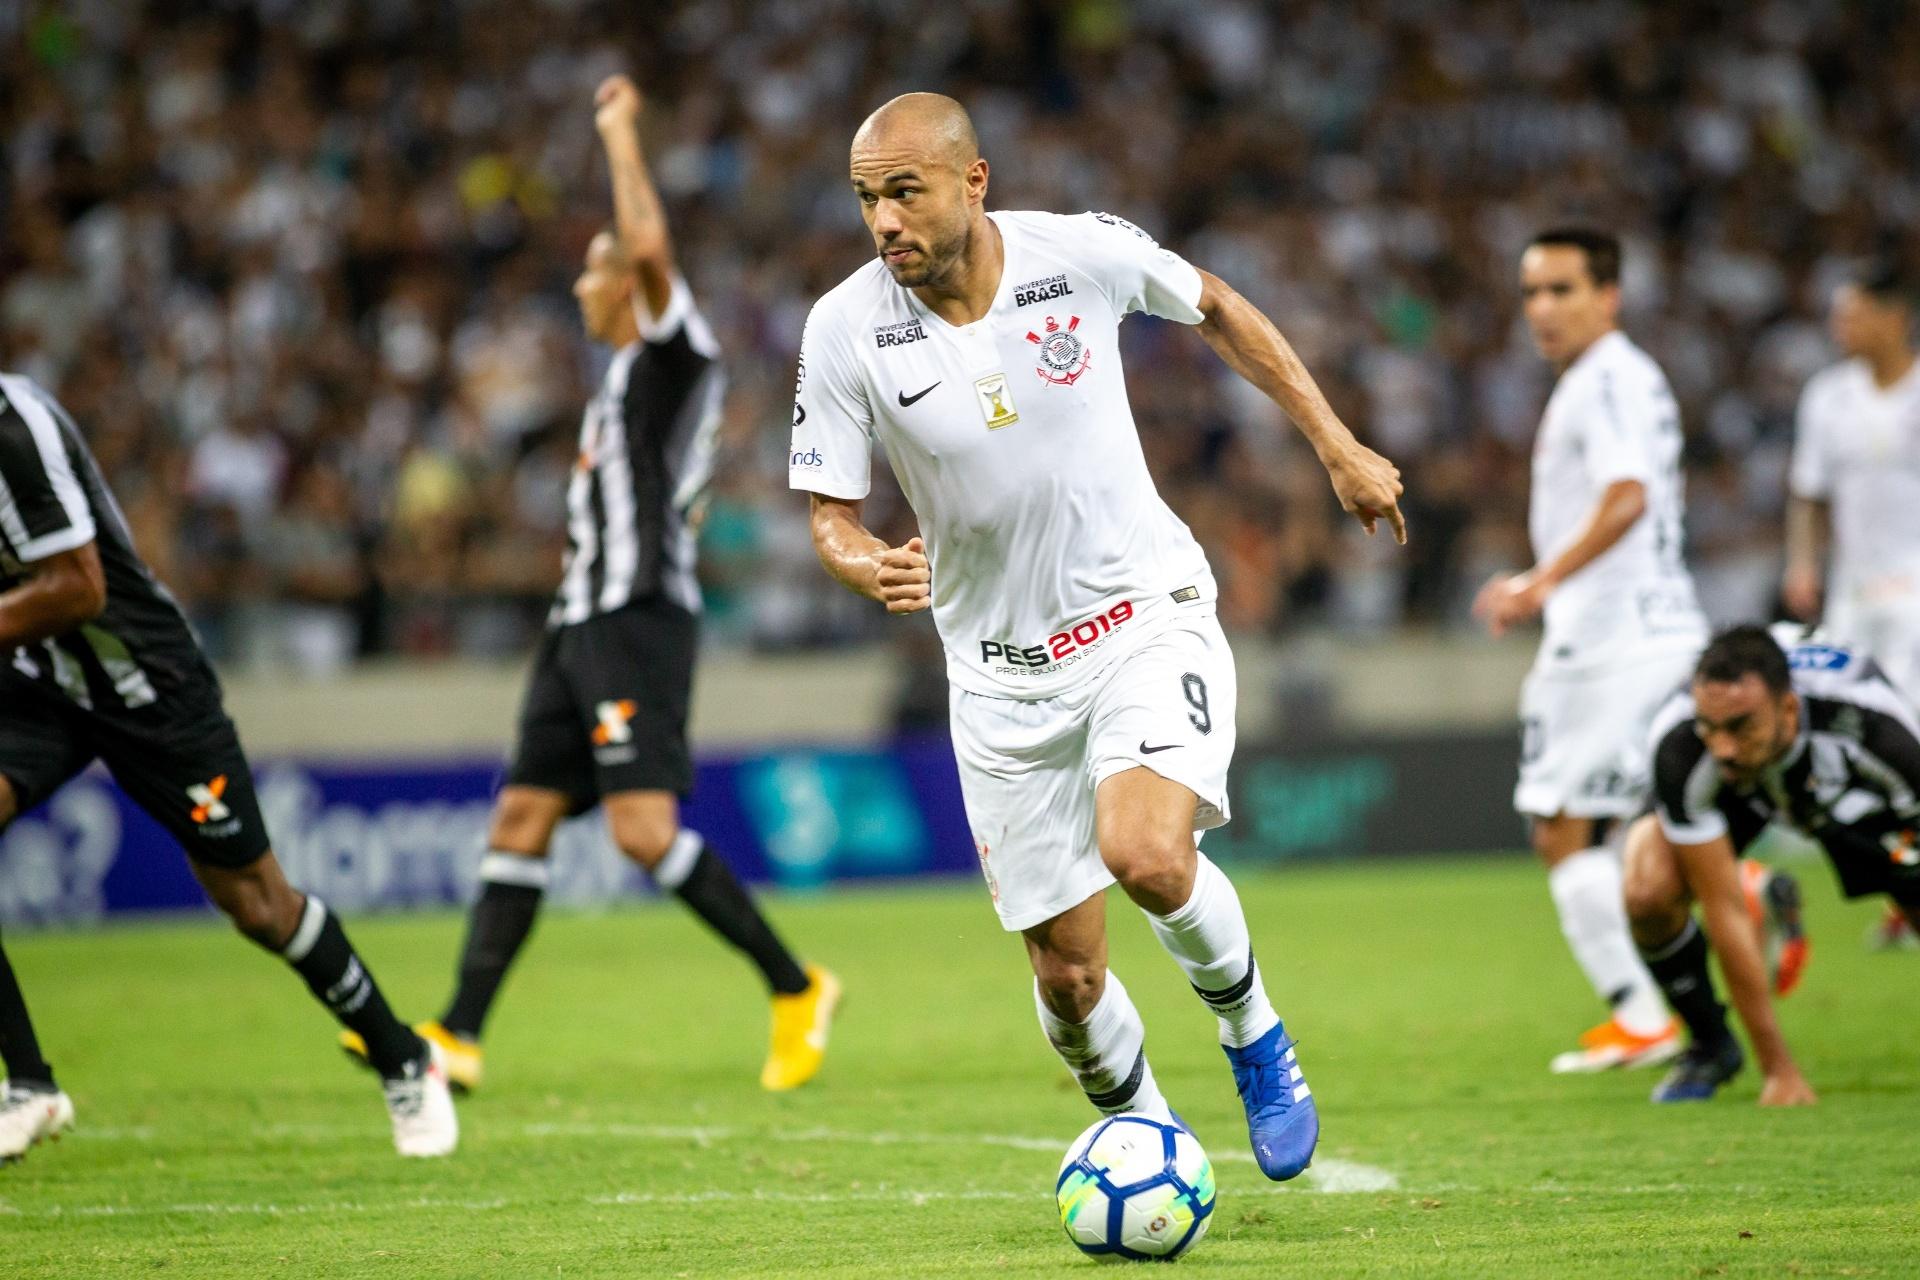 580e0473fa Ceará encaminha contratação de Roger após atacante deixar Corinthians -  21 01 2019 - UOL Esporte